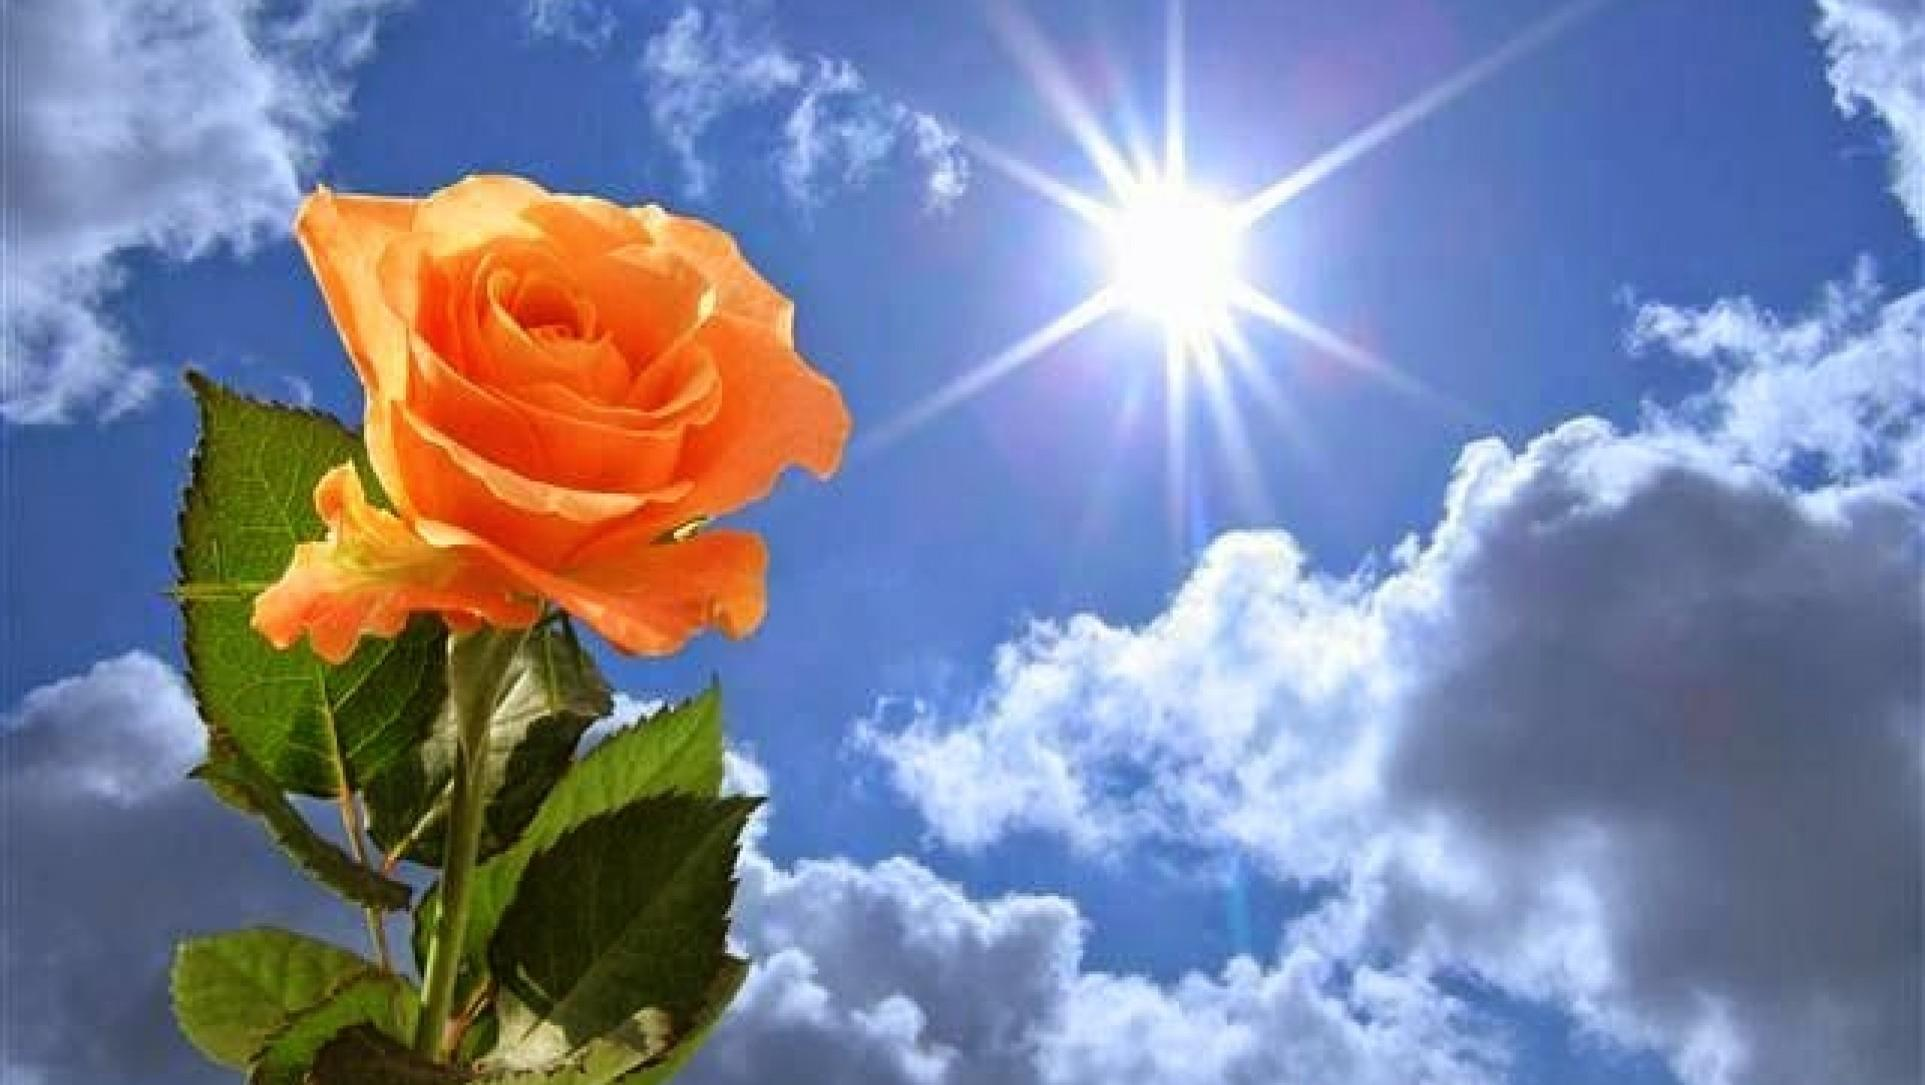 украшенные солнце светит для тебя картинки невероятные размеры, оставляли